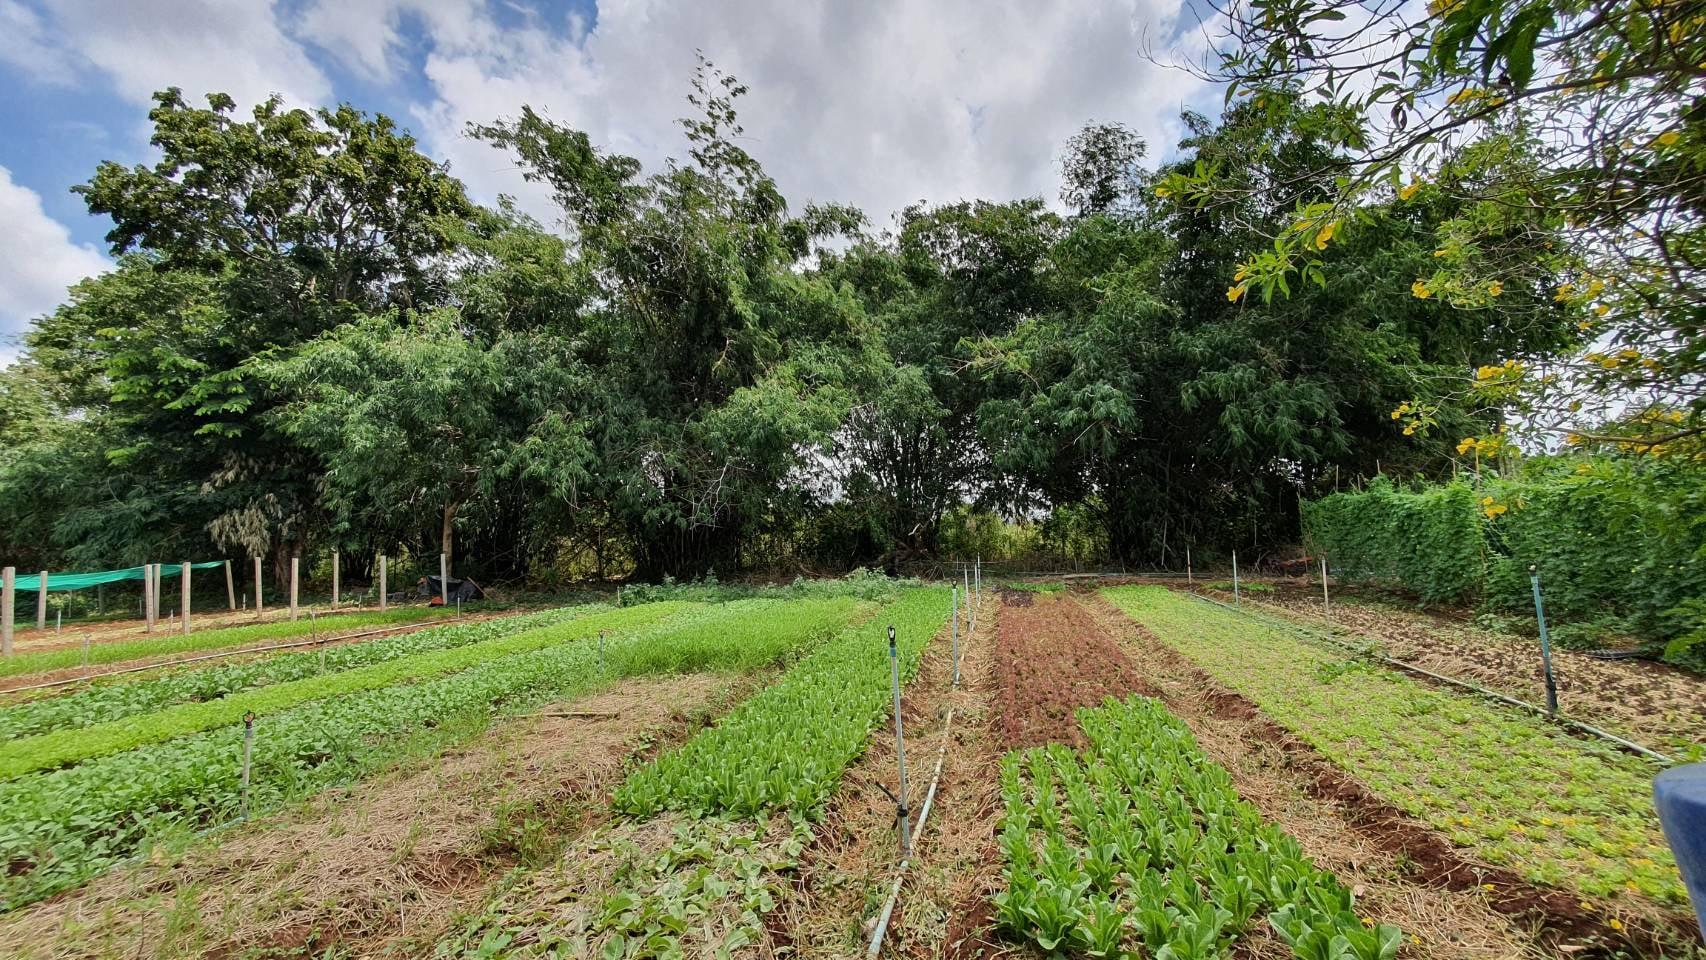 ตรวจรับรองแหล่งผลิตพืชอินทรีย์ ให้กับเกษตรในพื้นที่